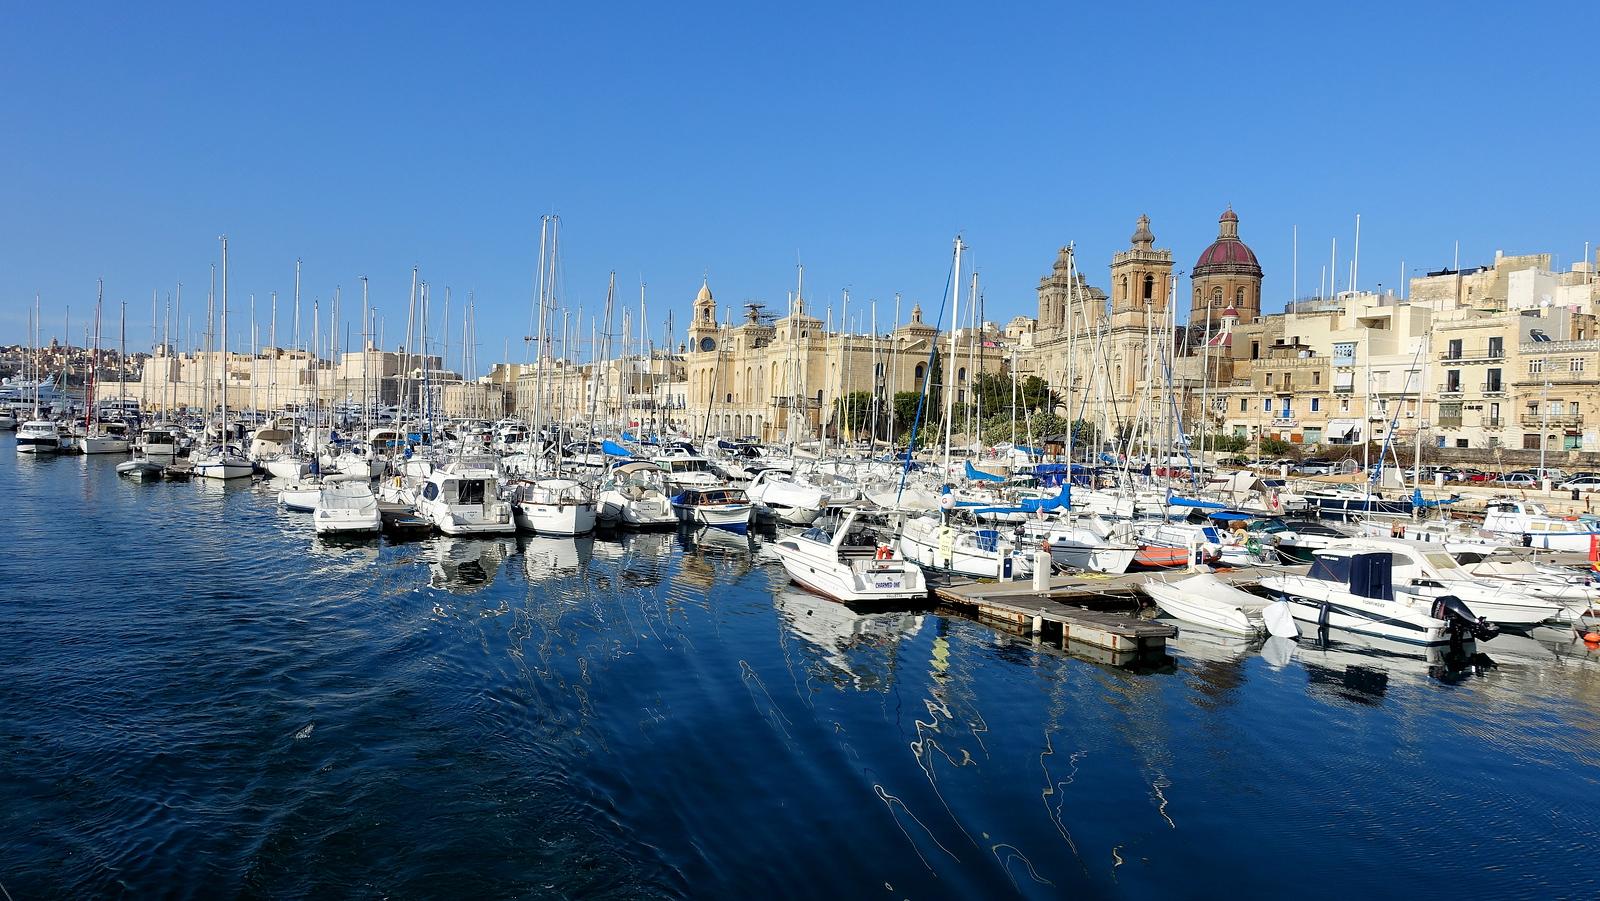 Malta Pictures - Grand Harbour